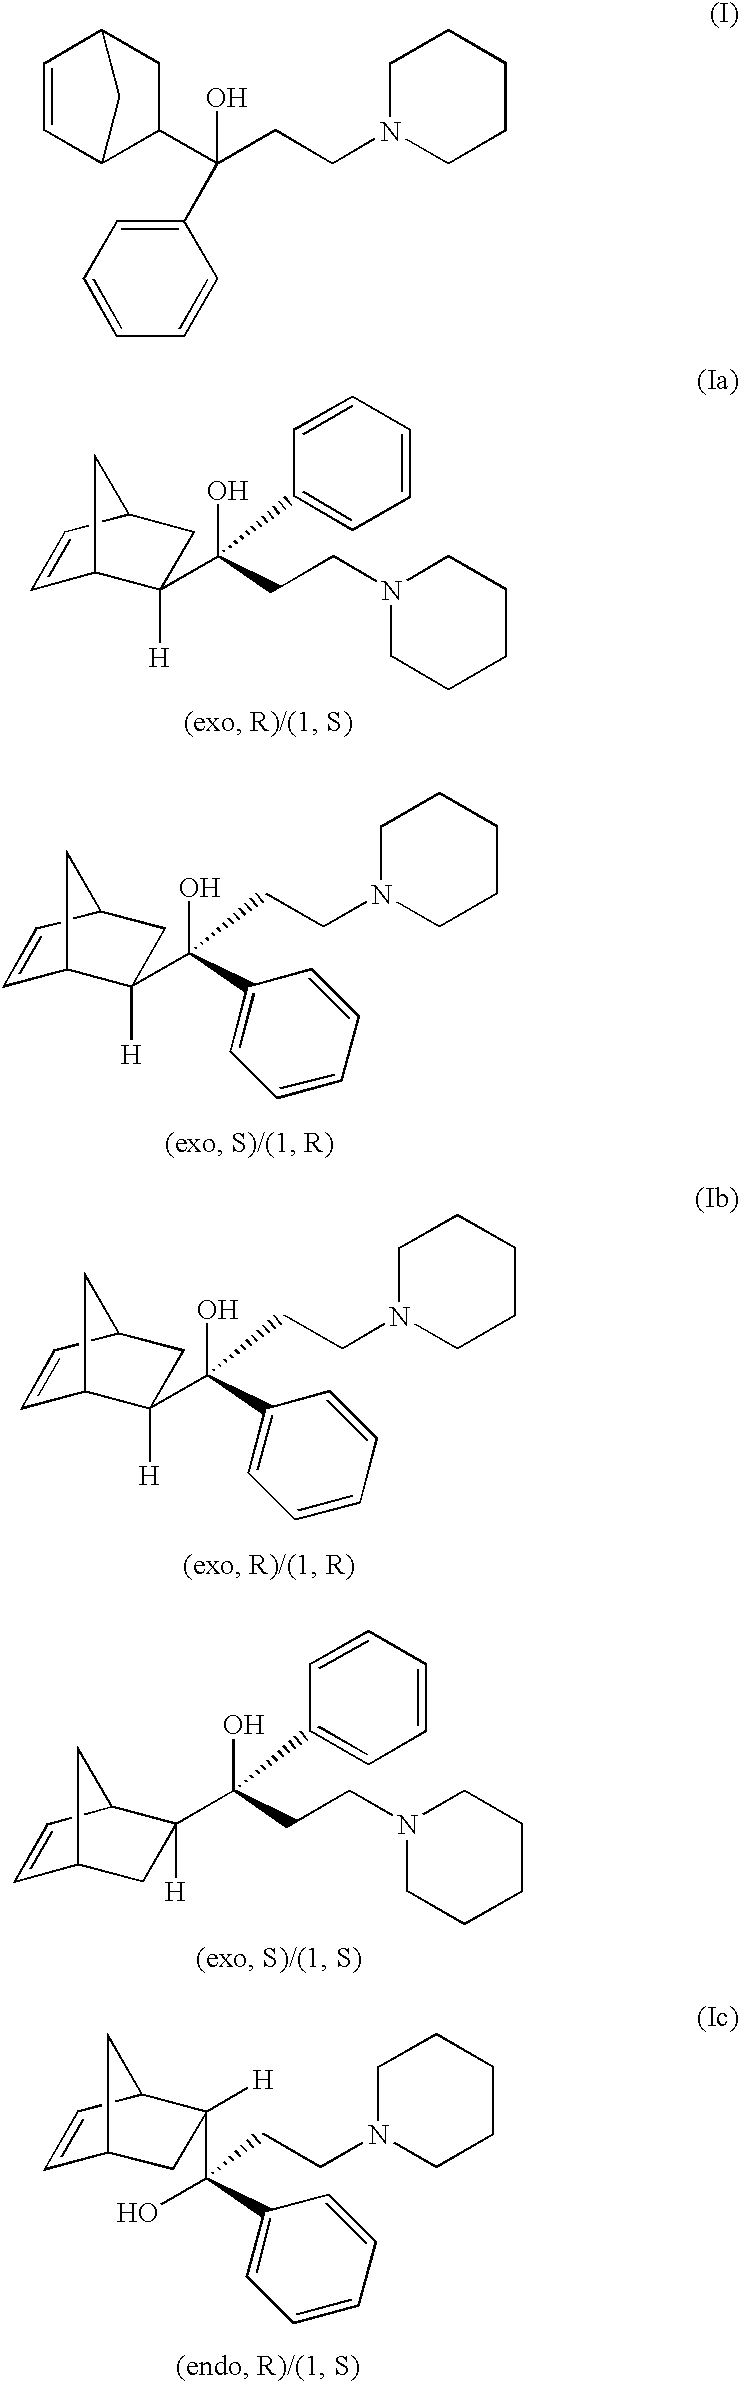 Figure US20050176963A1-20050811-C00001